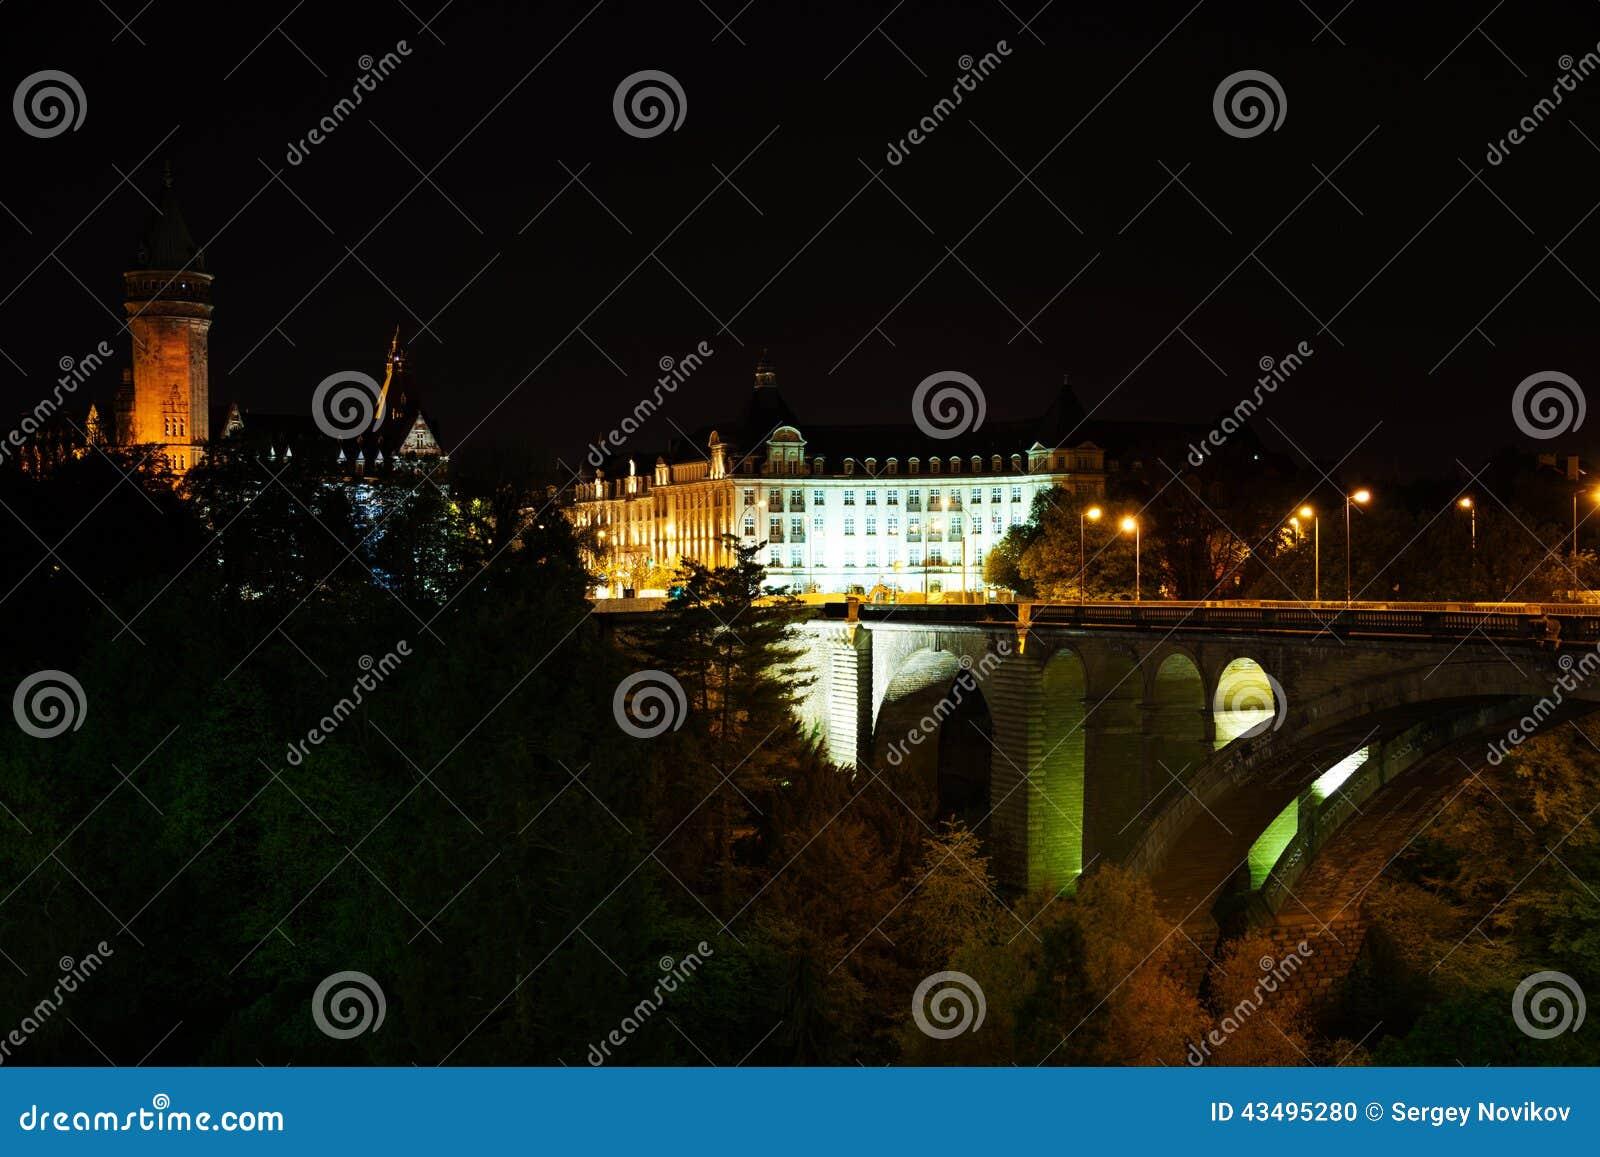 Nachtmening van Adolphe Bridge, de Spaarbank van de Staat